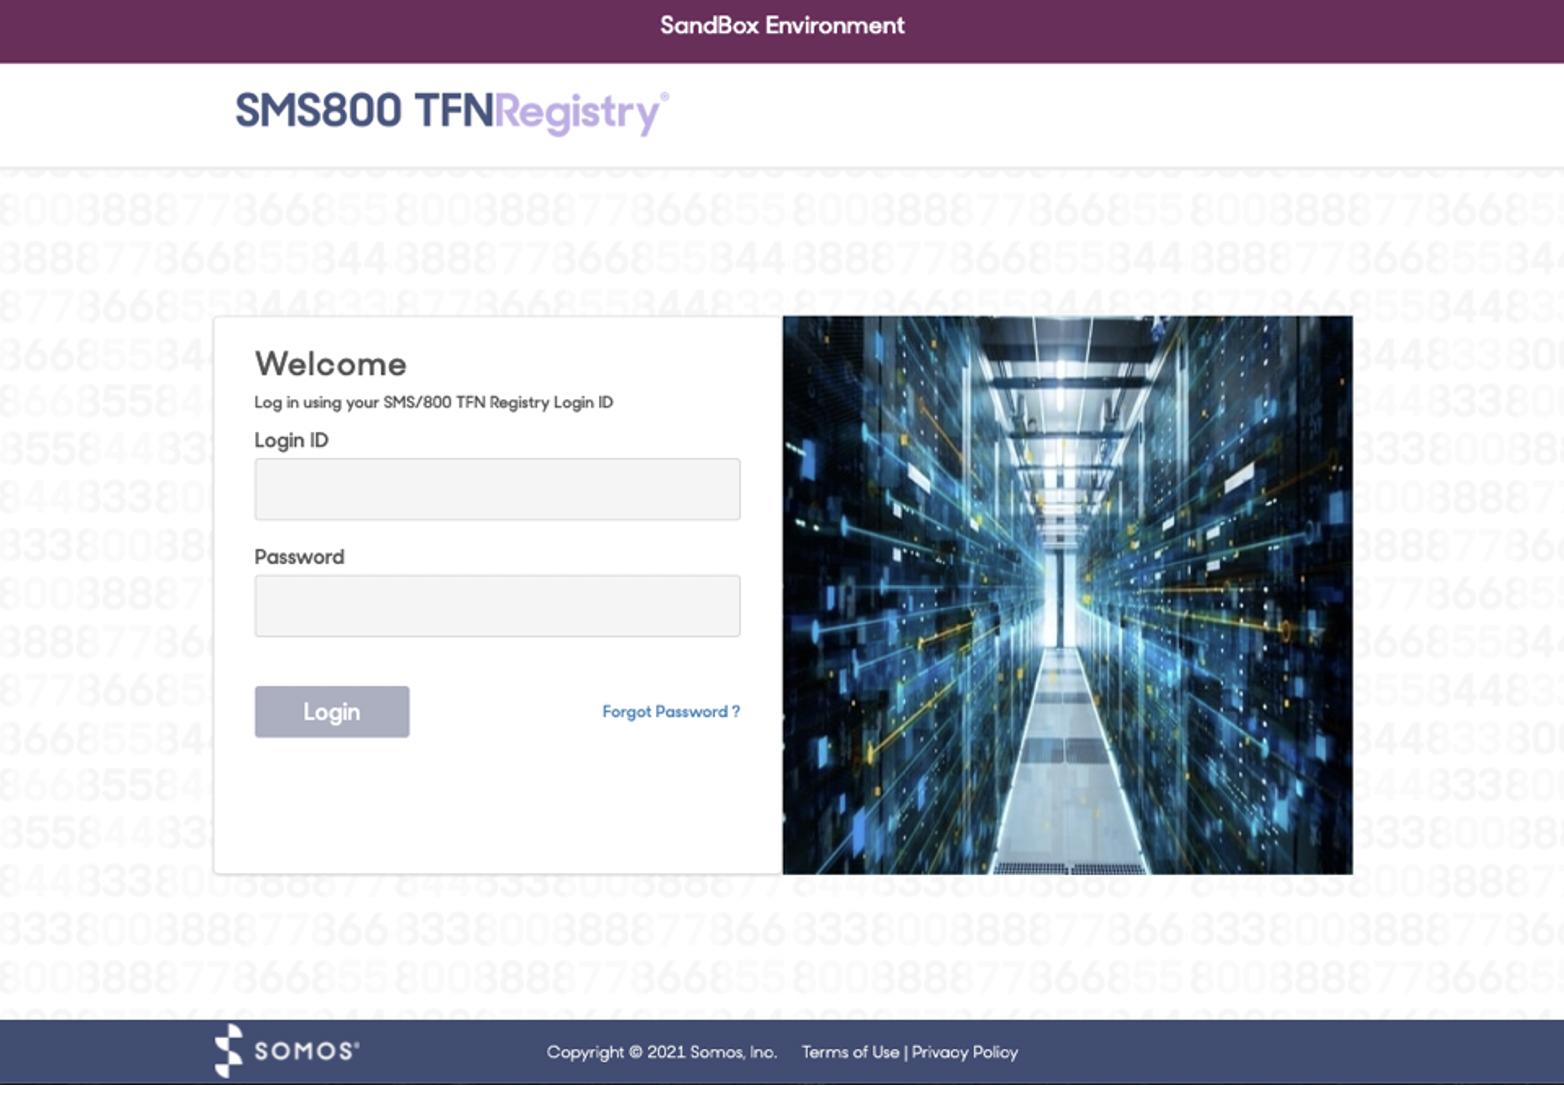 TFN Registry Sandbox Screen Shot